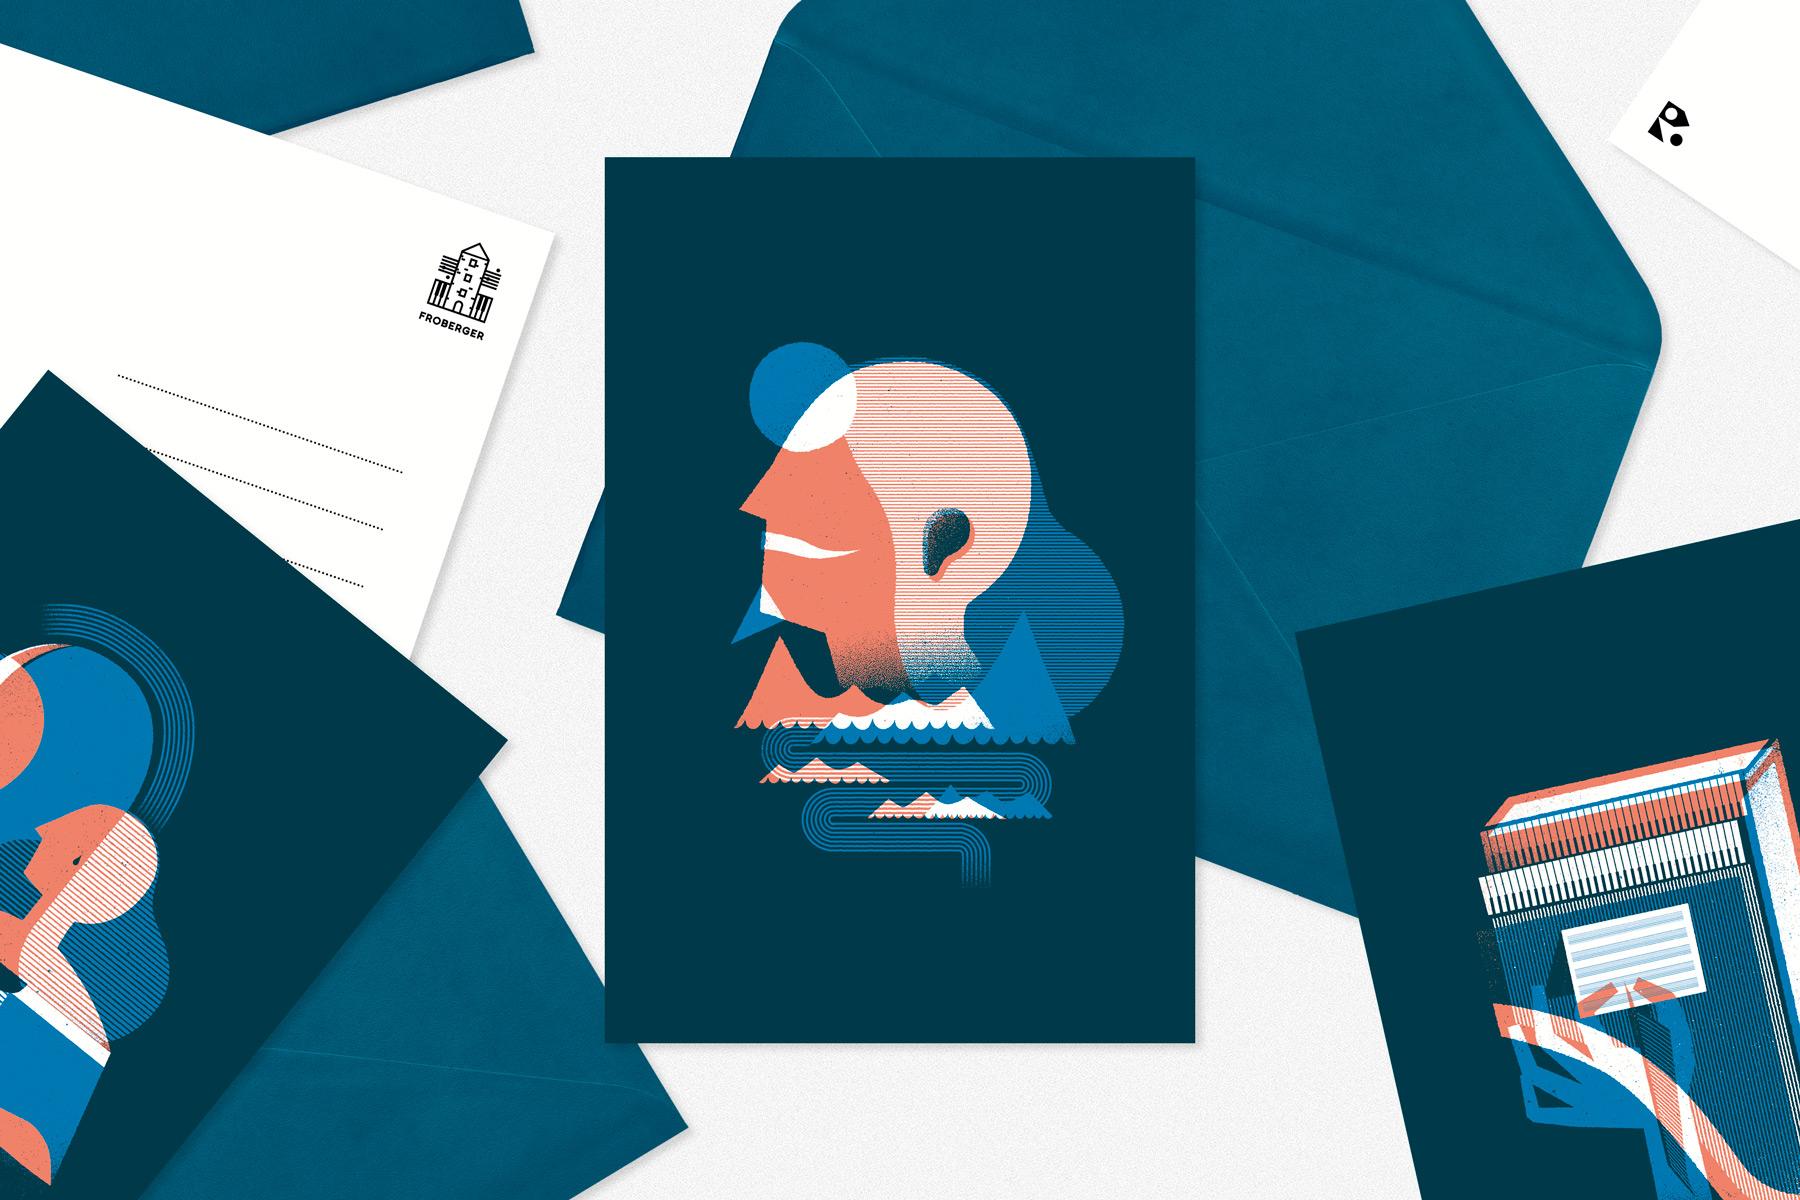 Maison-Tangible-Manufacture-images-objets-Besancon-Paris-Produits_Froberger_Musiques_Memoires_SmallStudio_Carte_postale_01.jpg